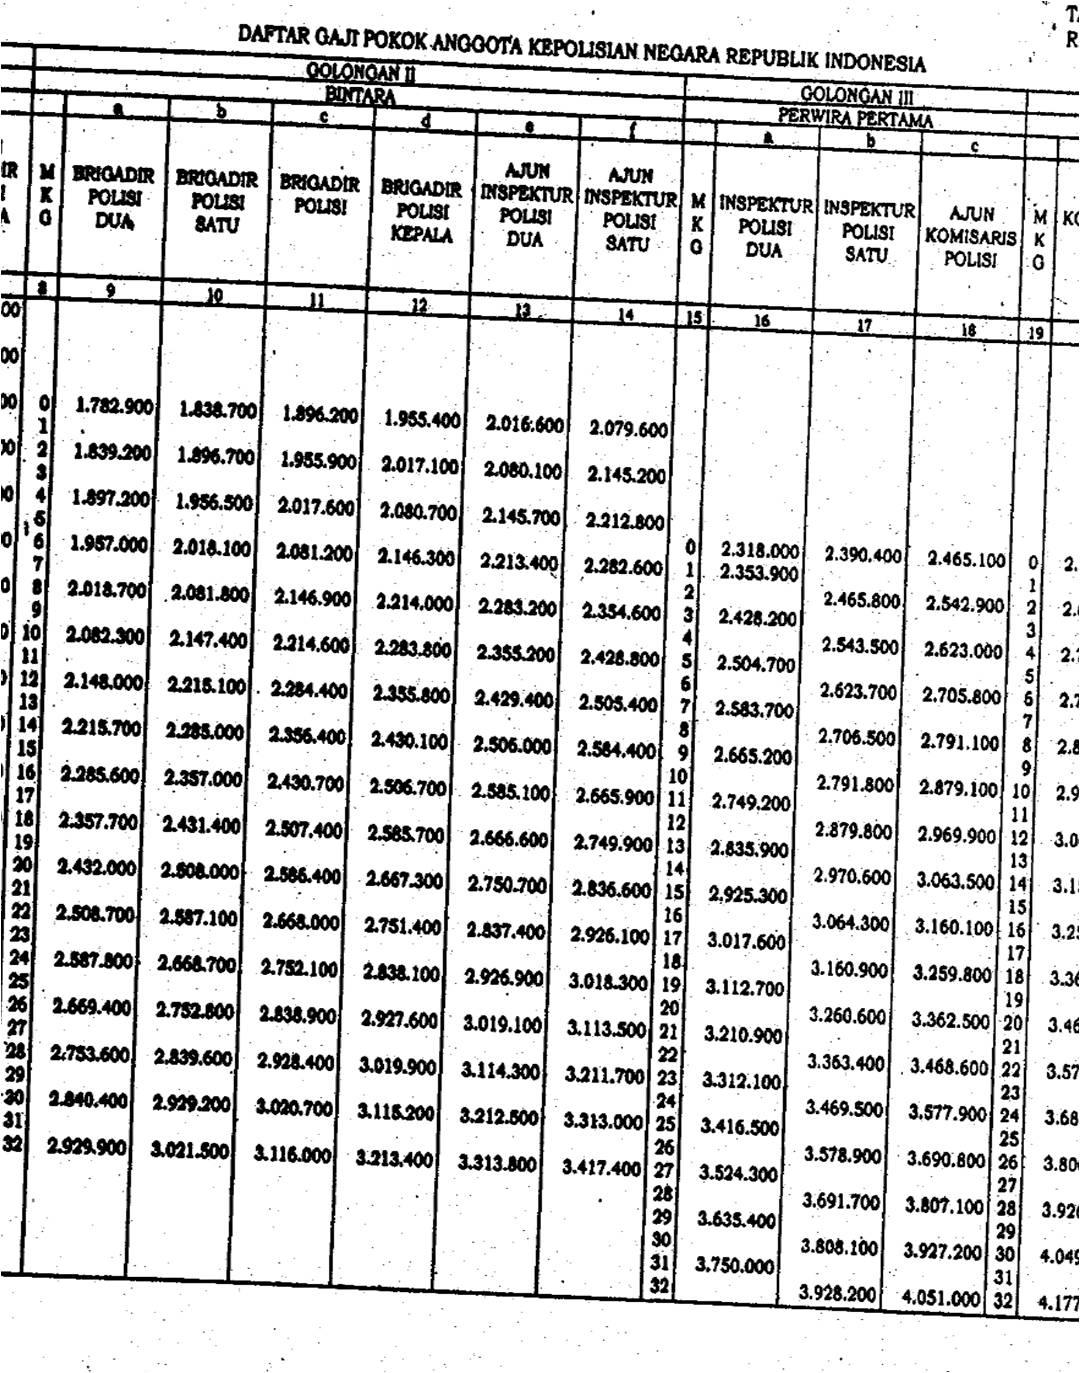 Bagi yang kurang jelas ini tabel setelah di zoom